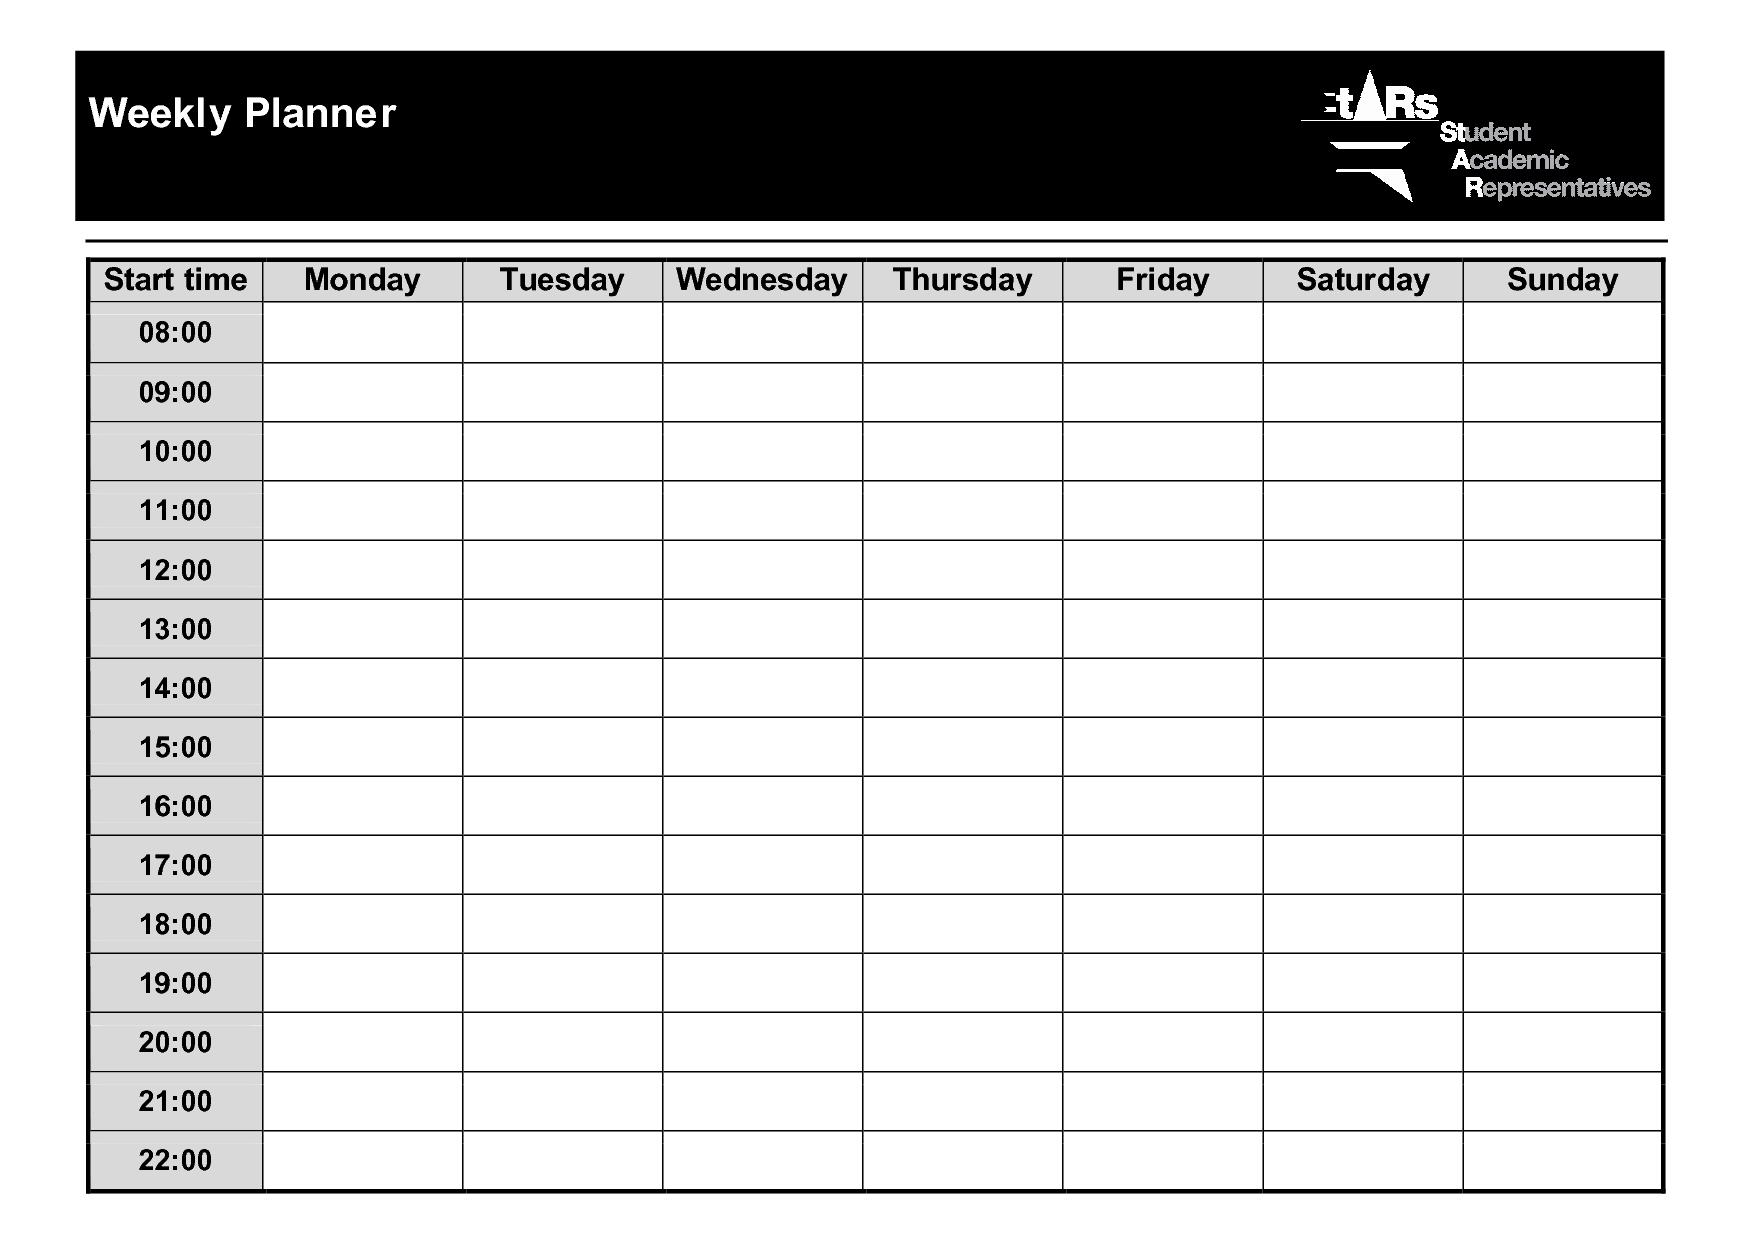 Weekly+Planner+Template+Pdf | Weekly Planner Template 2 Week Planner Printable Free